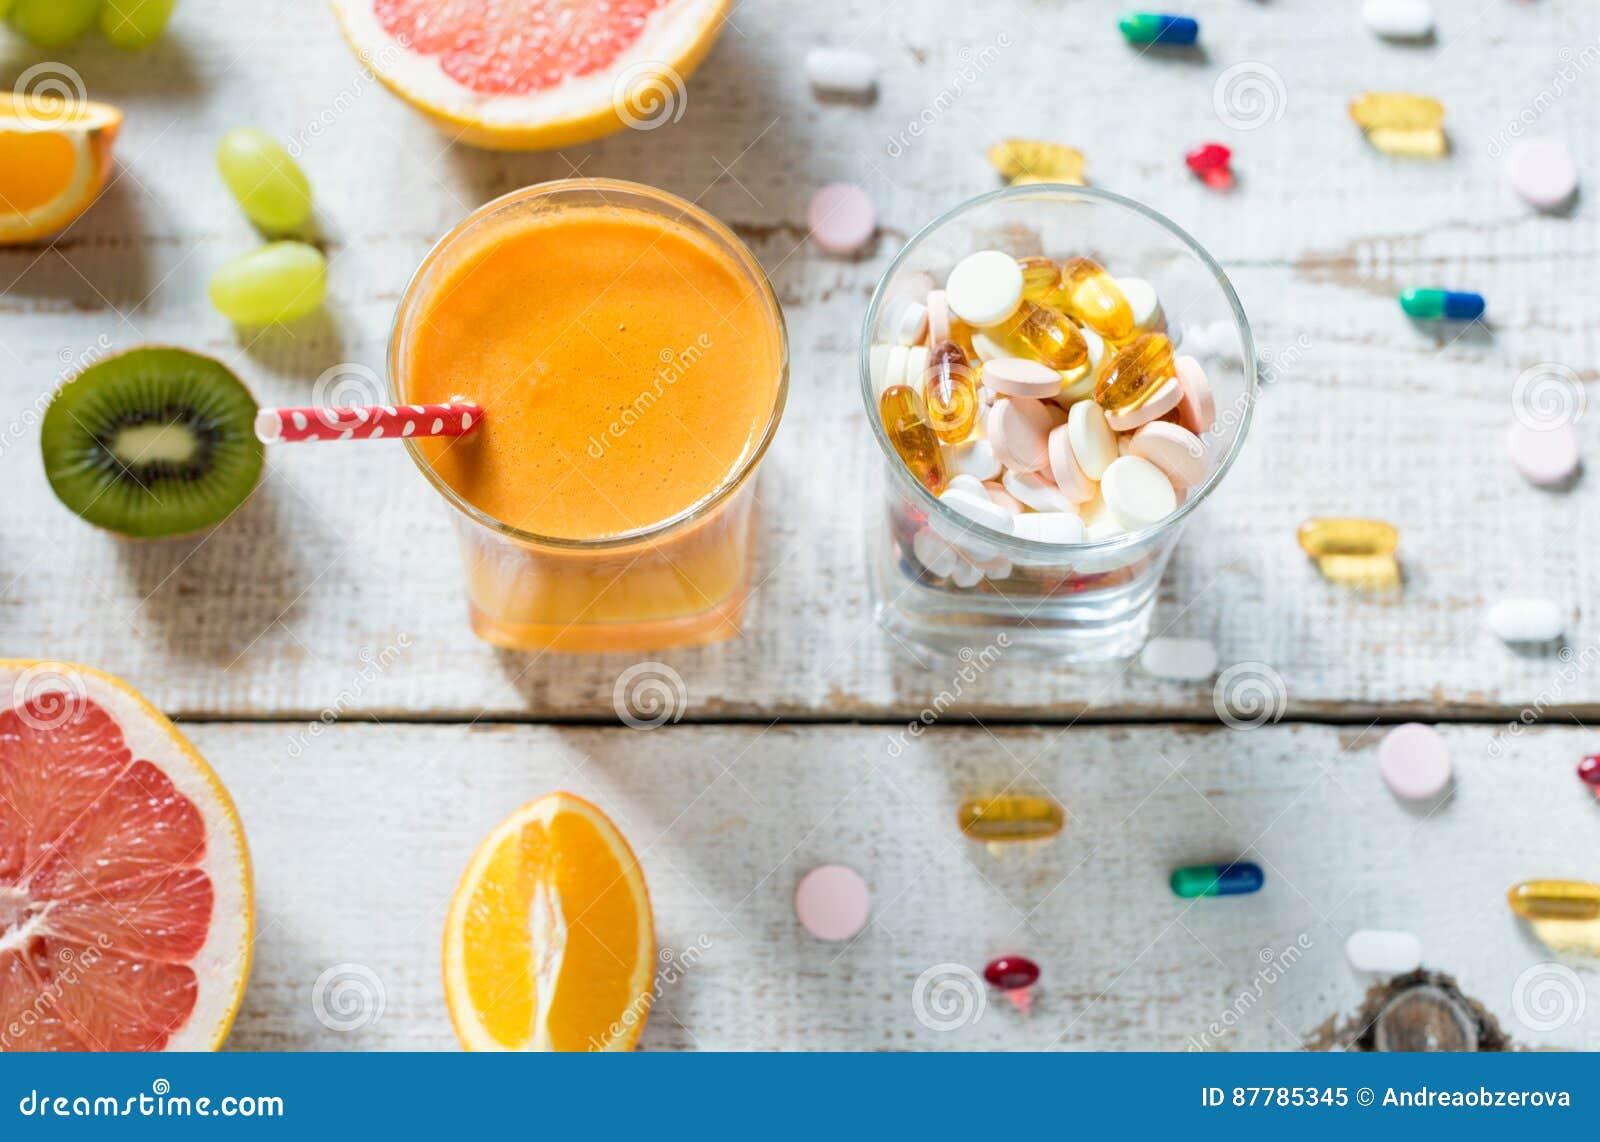 Den sunda livsstilen och bantar begrepp Frukt, preventivpillerar och vitamintillägg